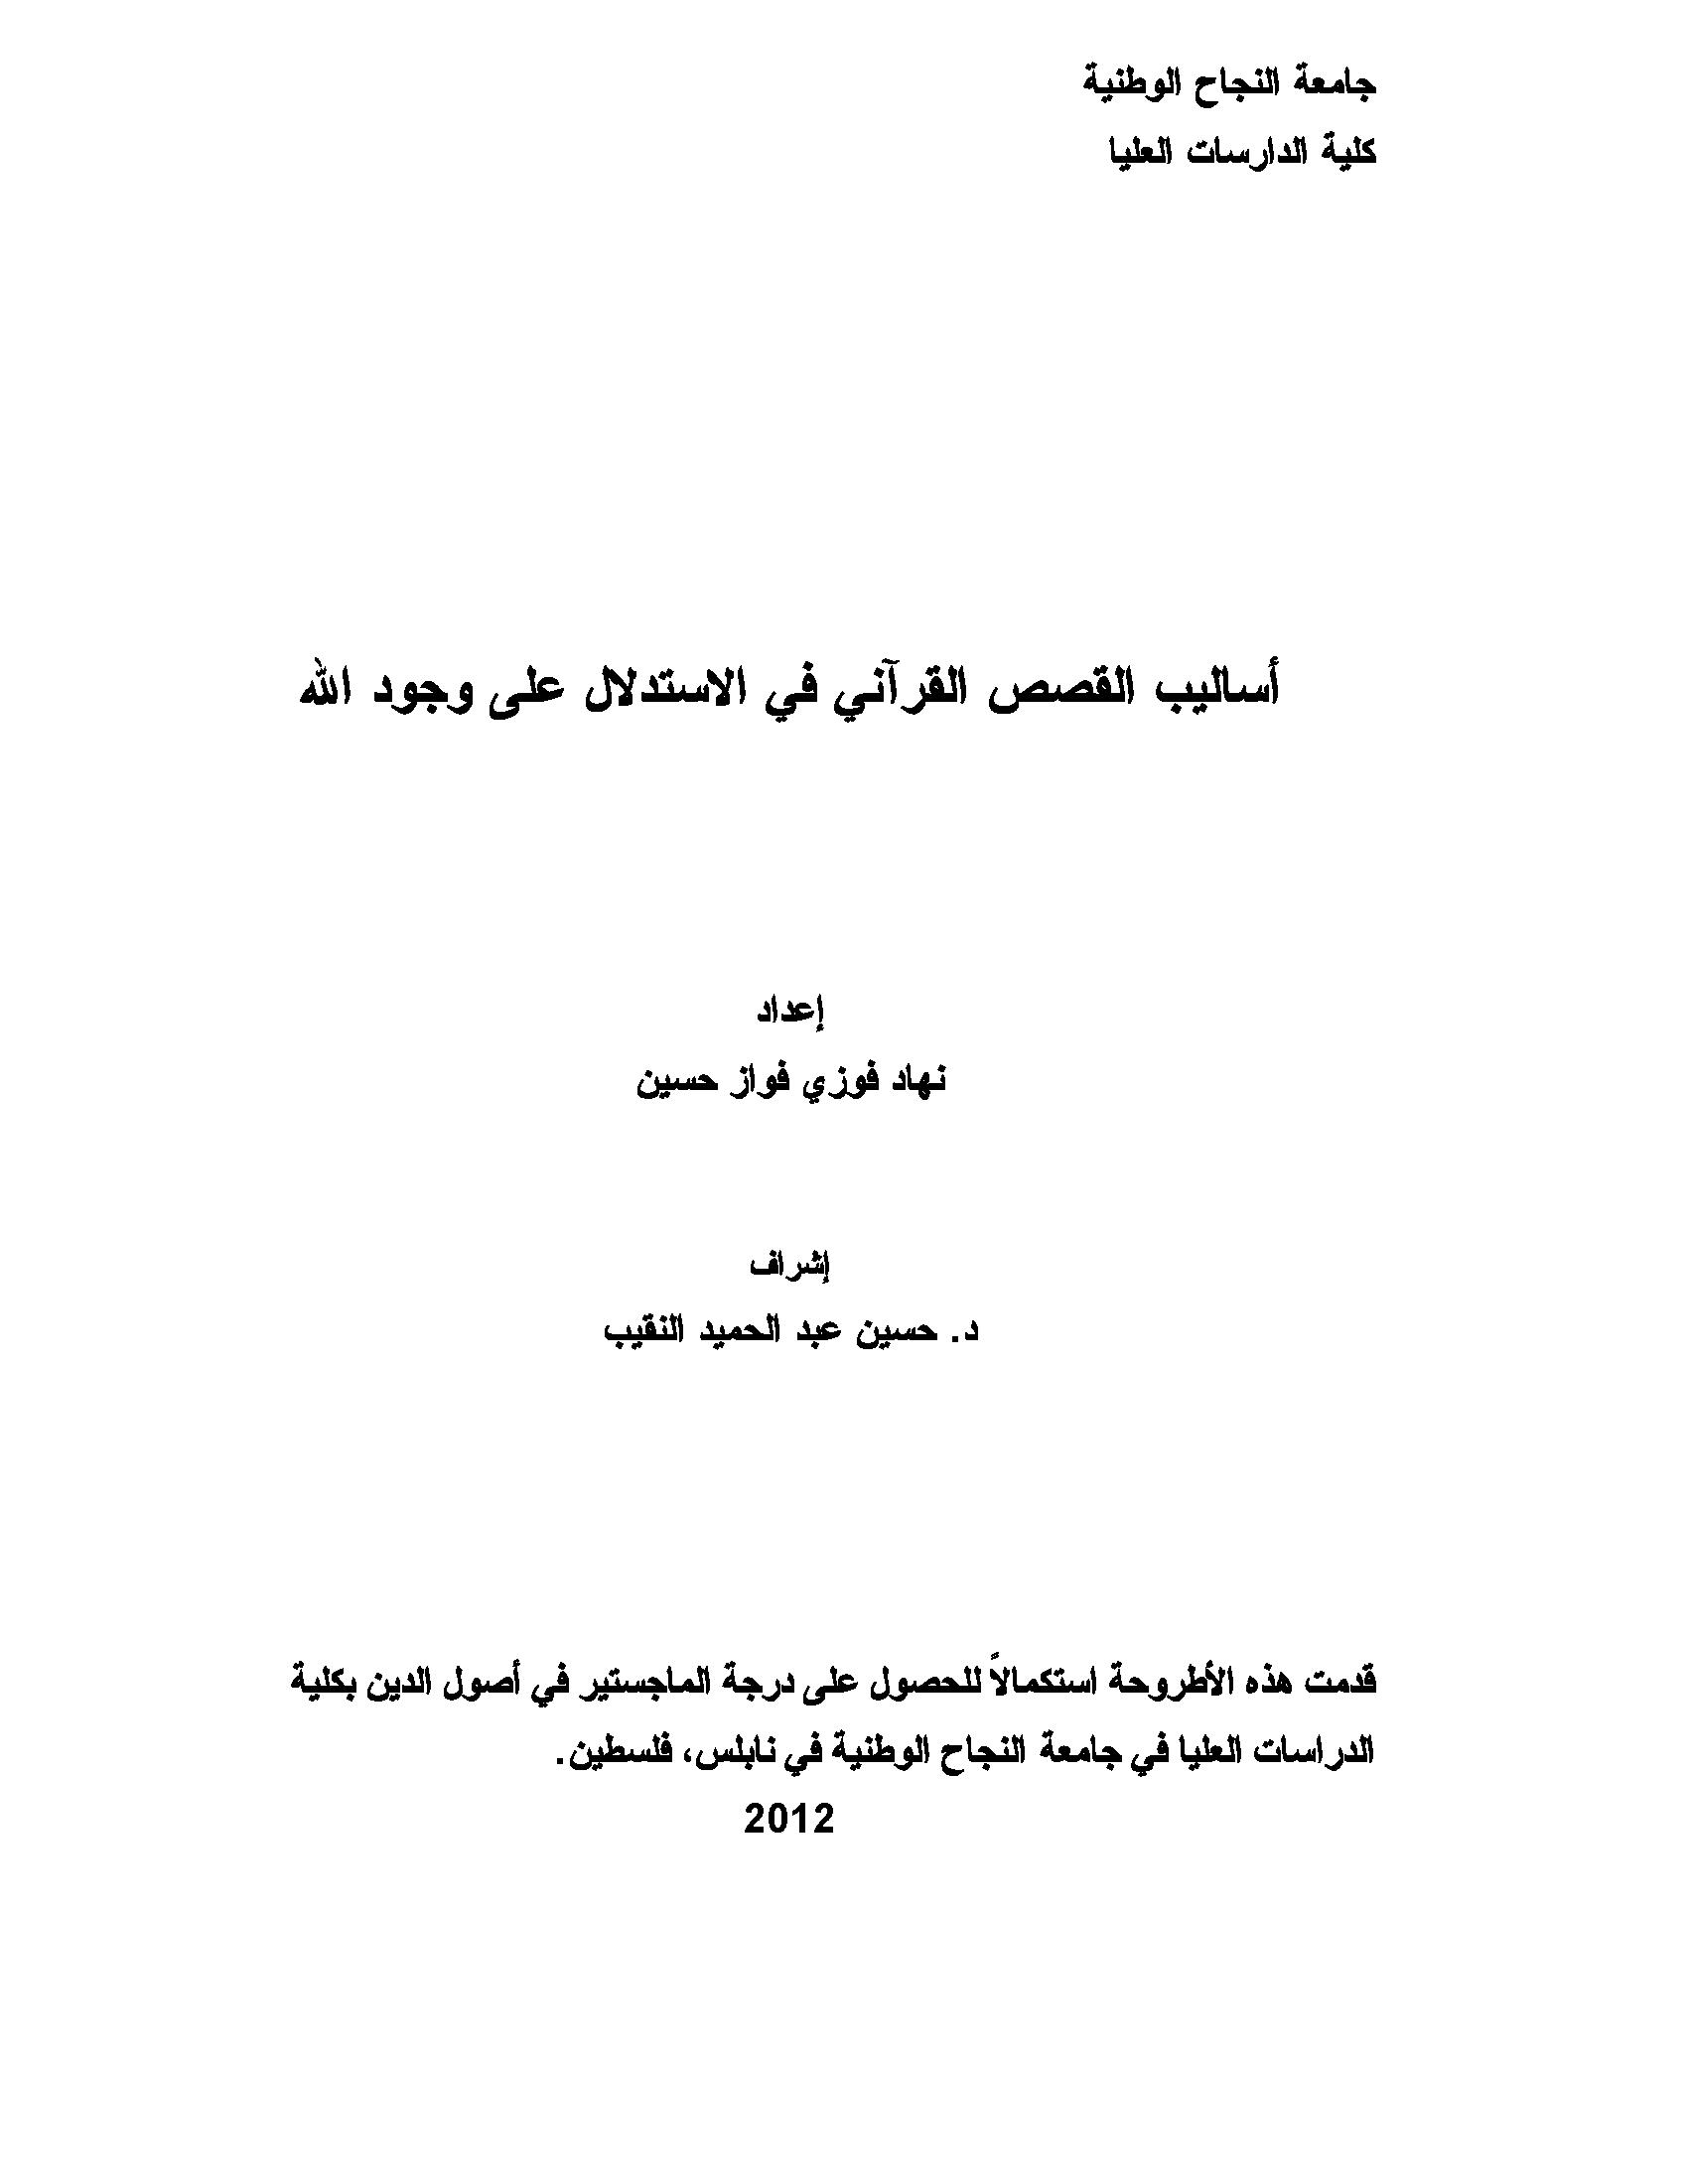 تحميل كتاب أساليب القصص القرآني في الاستدلال على وجود الله لـِ: نهاد فوزي فواز حسين